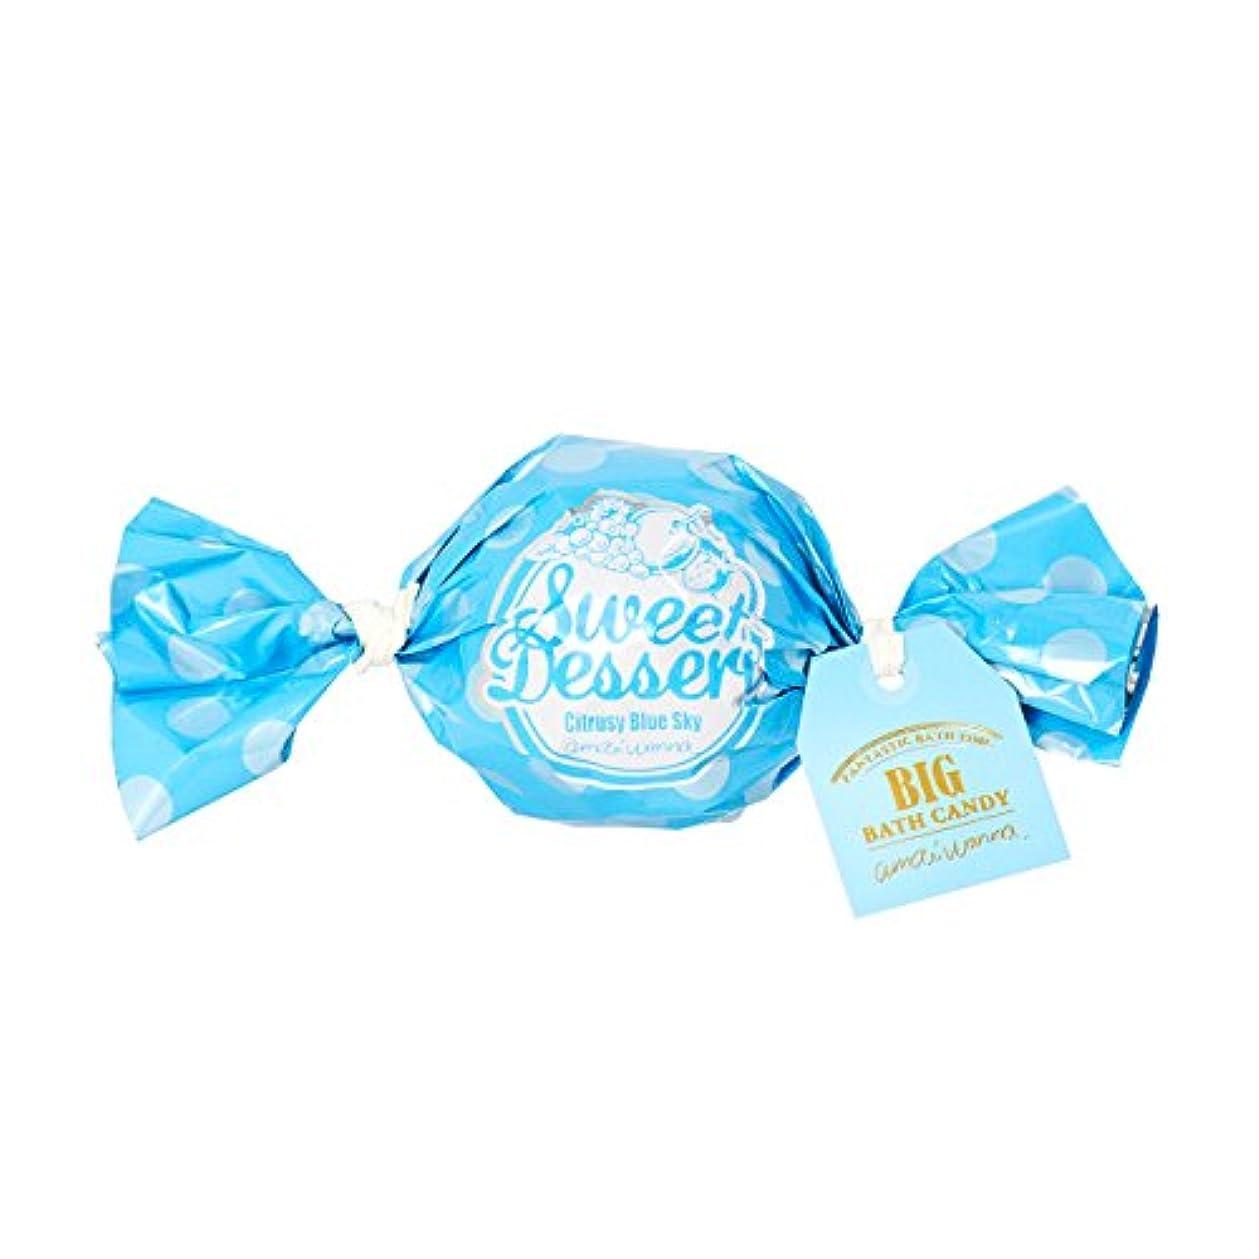 胚真似る毒性アマイワナ ビッグバスキャンディー 青空シトラス 100g(発泡タイプ入浴料 おおらかで凛としたシトラスの香り)